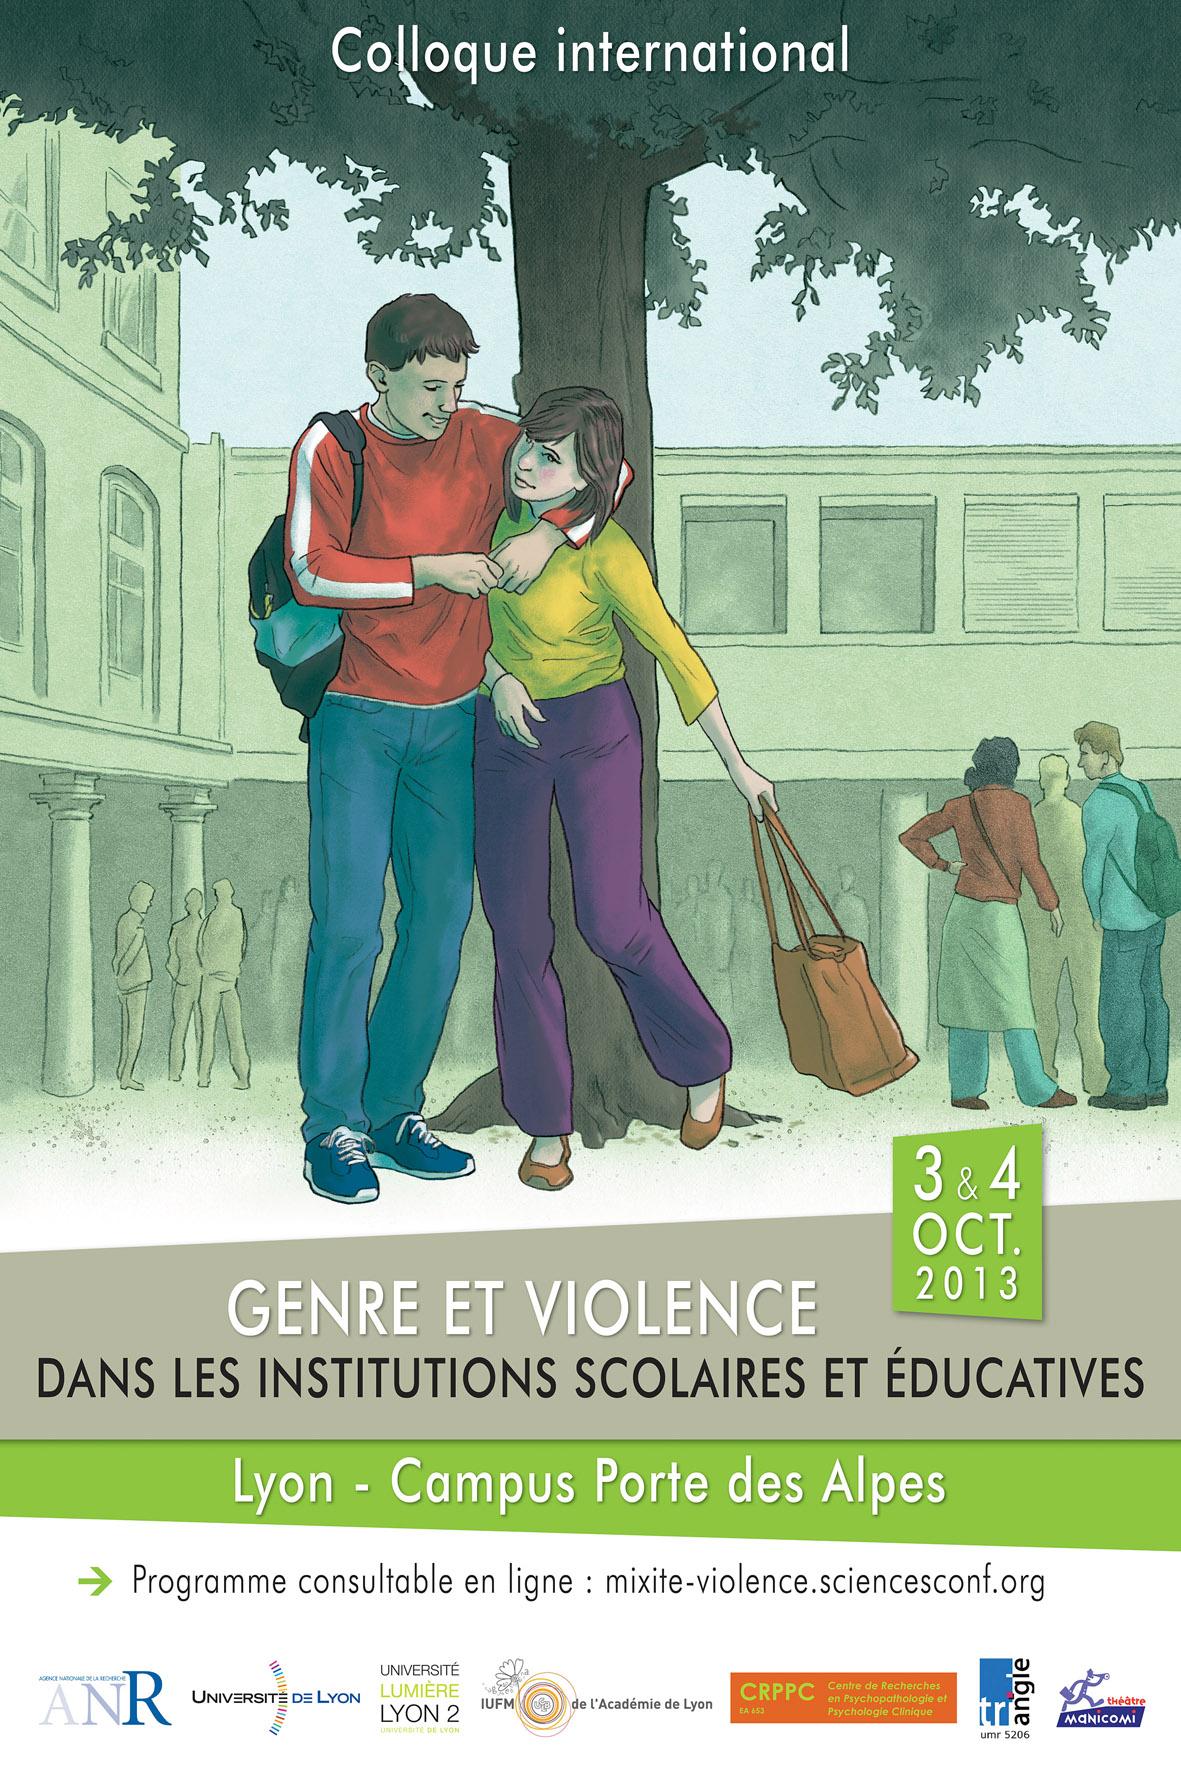 Genre et violence dans les institutions éducatives - Affiche